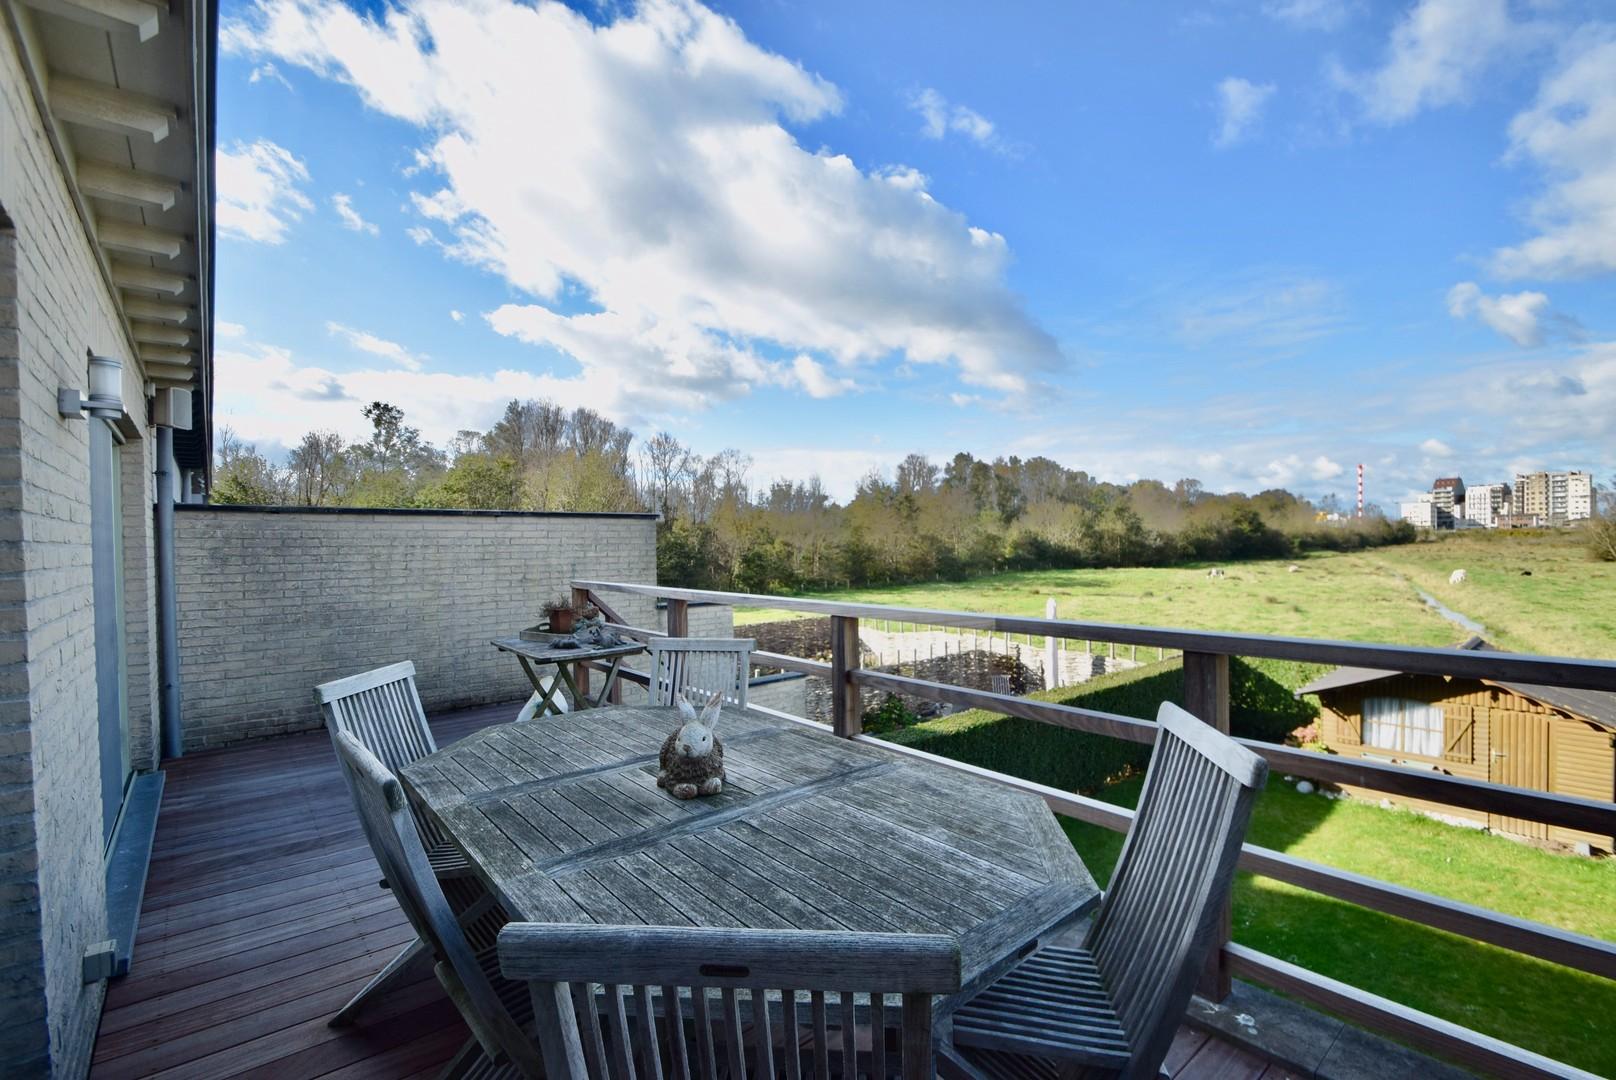 te koop huis Knokke met prachtig zicht Knokke Real Estate